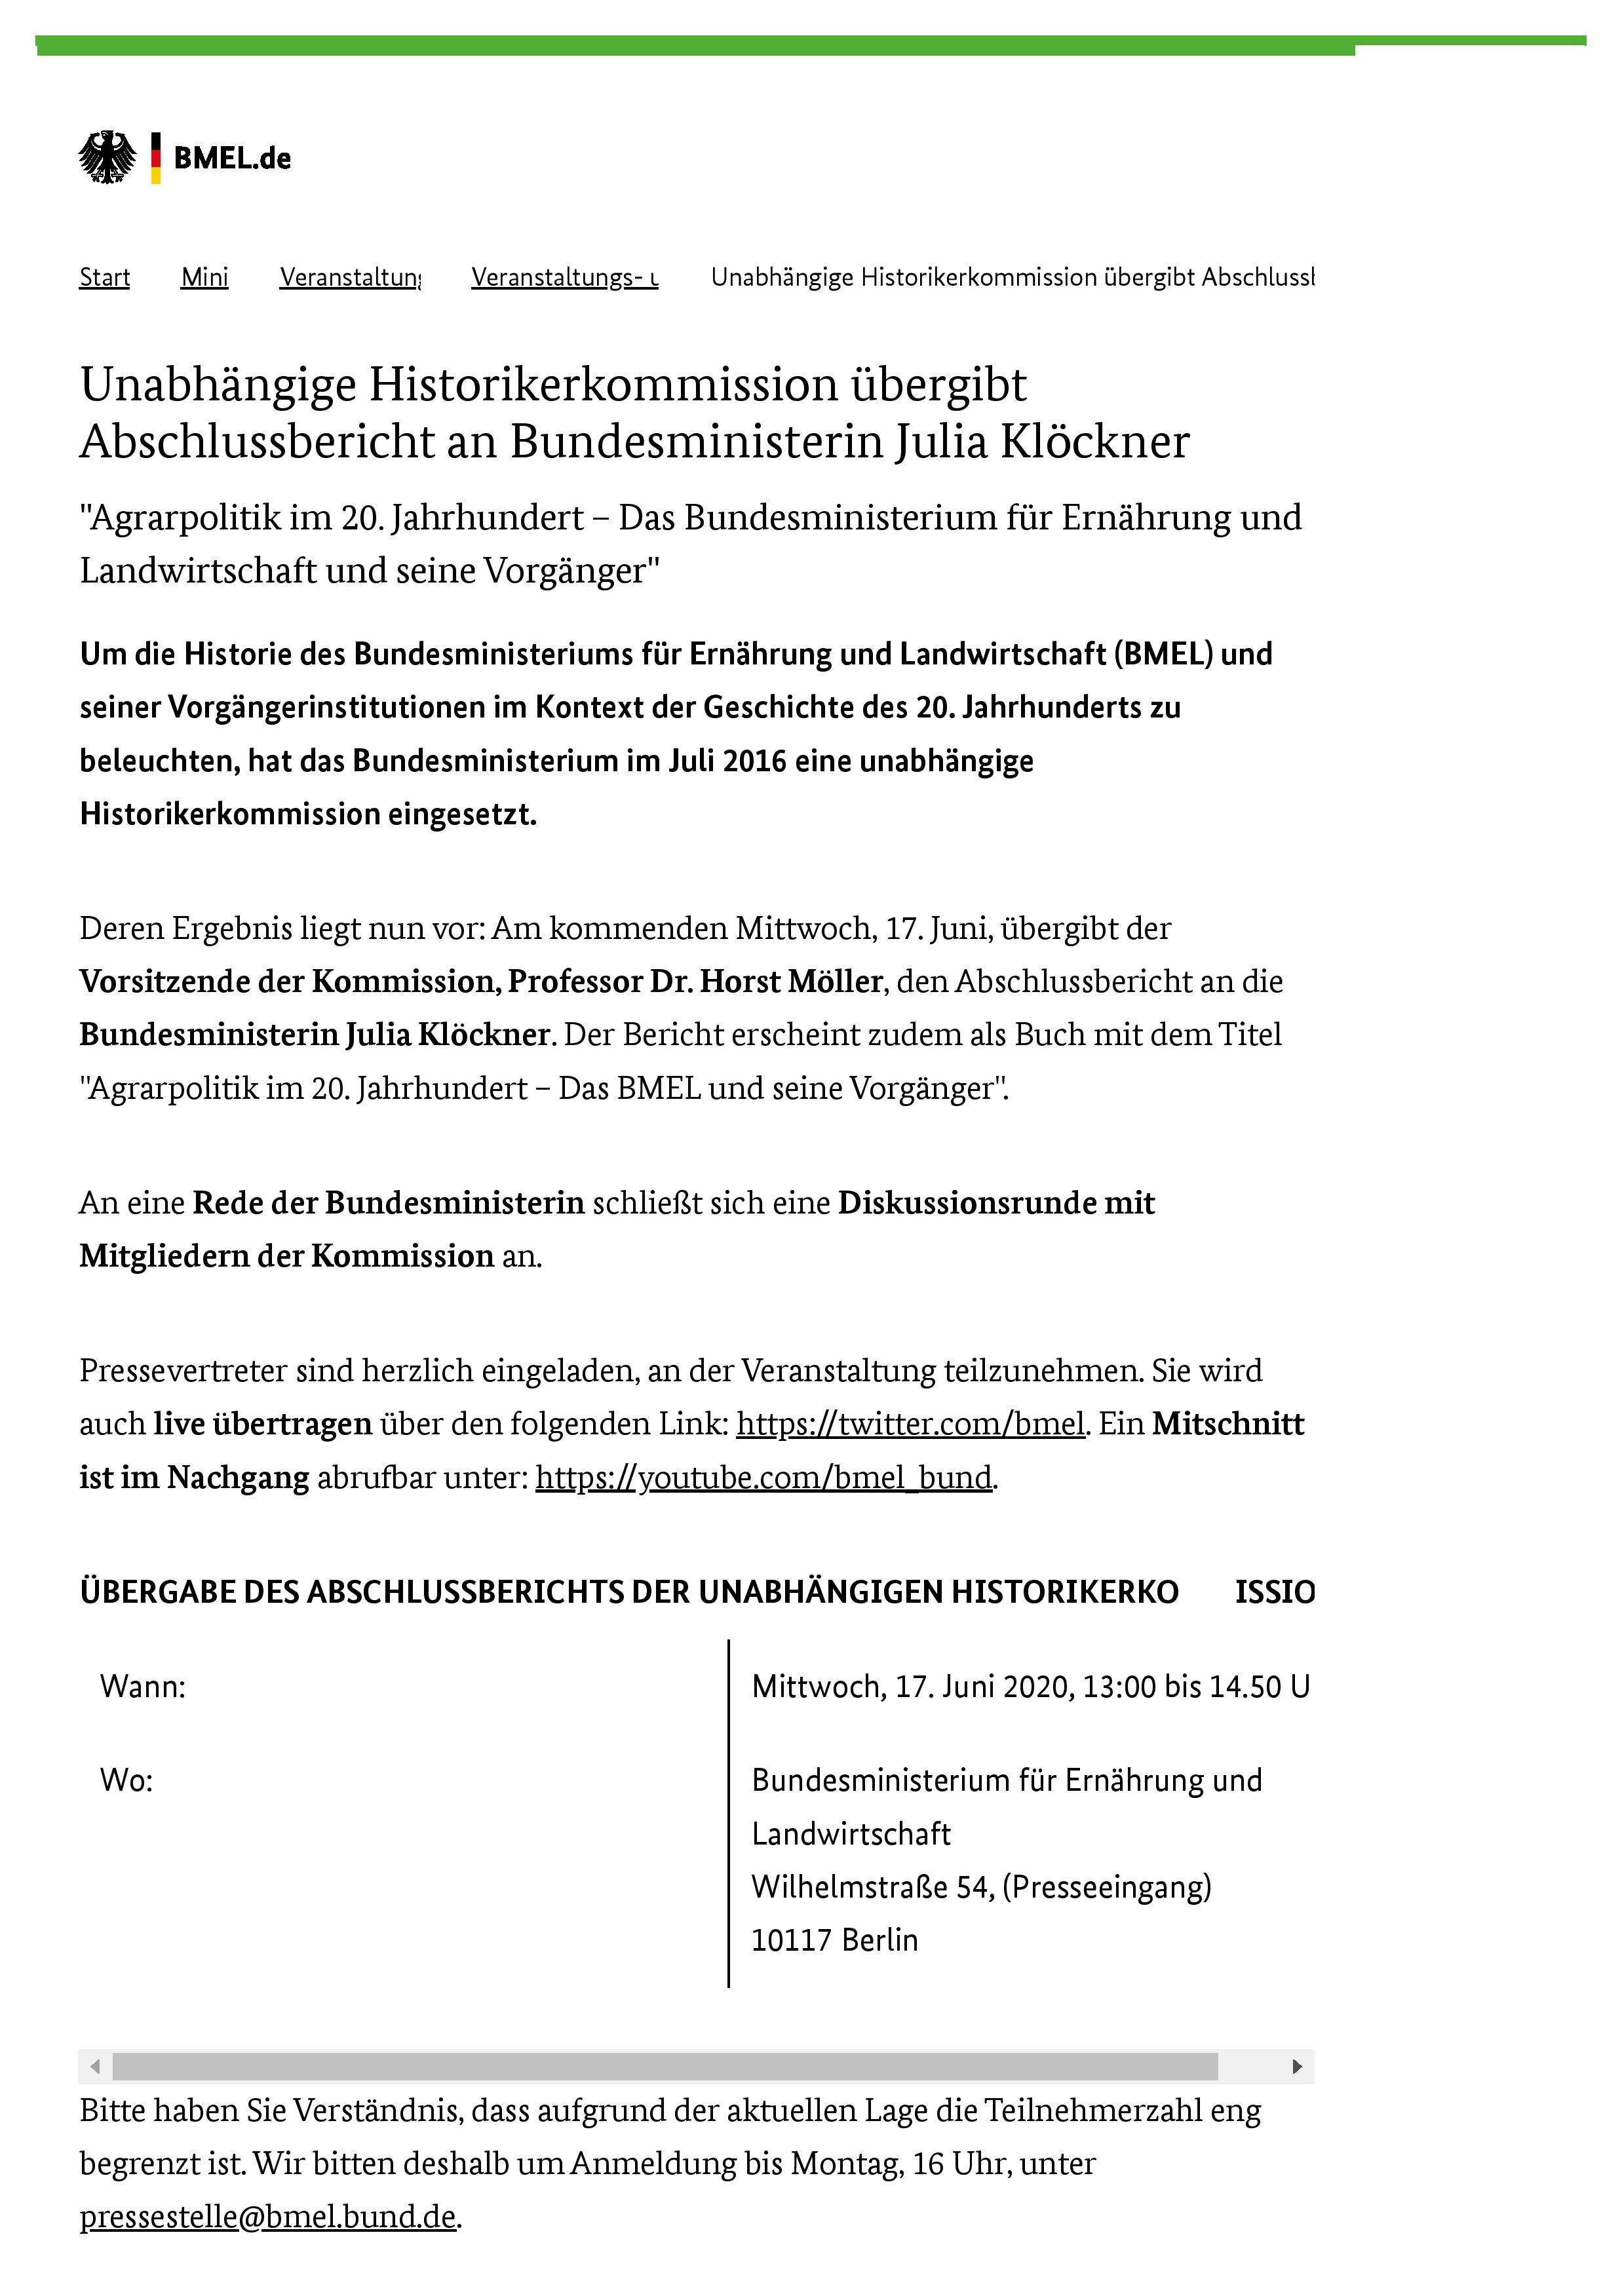 BMEL - Veranstaltungs- und Termin-Uebersicht - Unabhängige Historikerkommission übergibt Abschlussbericht an Bundesministerin Julia Klöckner-page-001